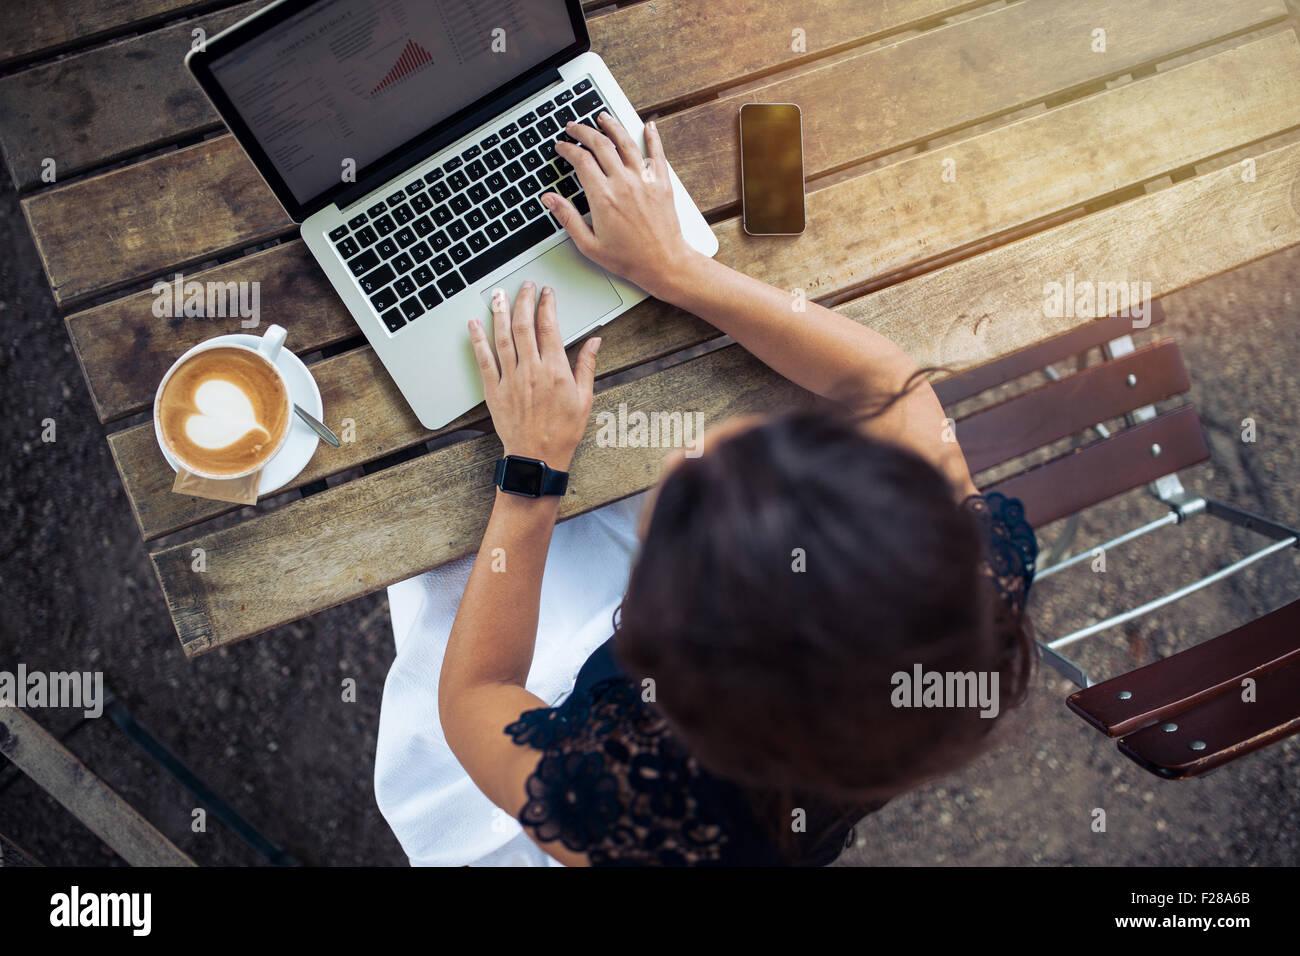 Draufsicht der Weibchen mit ihrem Laptop in einem Café. Overhead Schuss von junge Frau sitzt an einem Tisch Stockbild